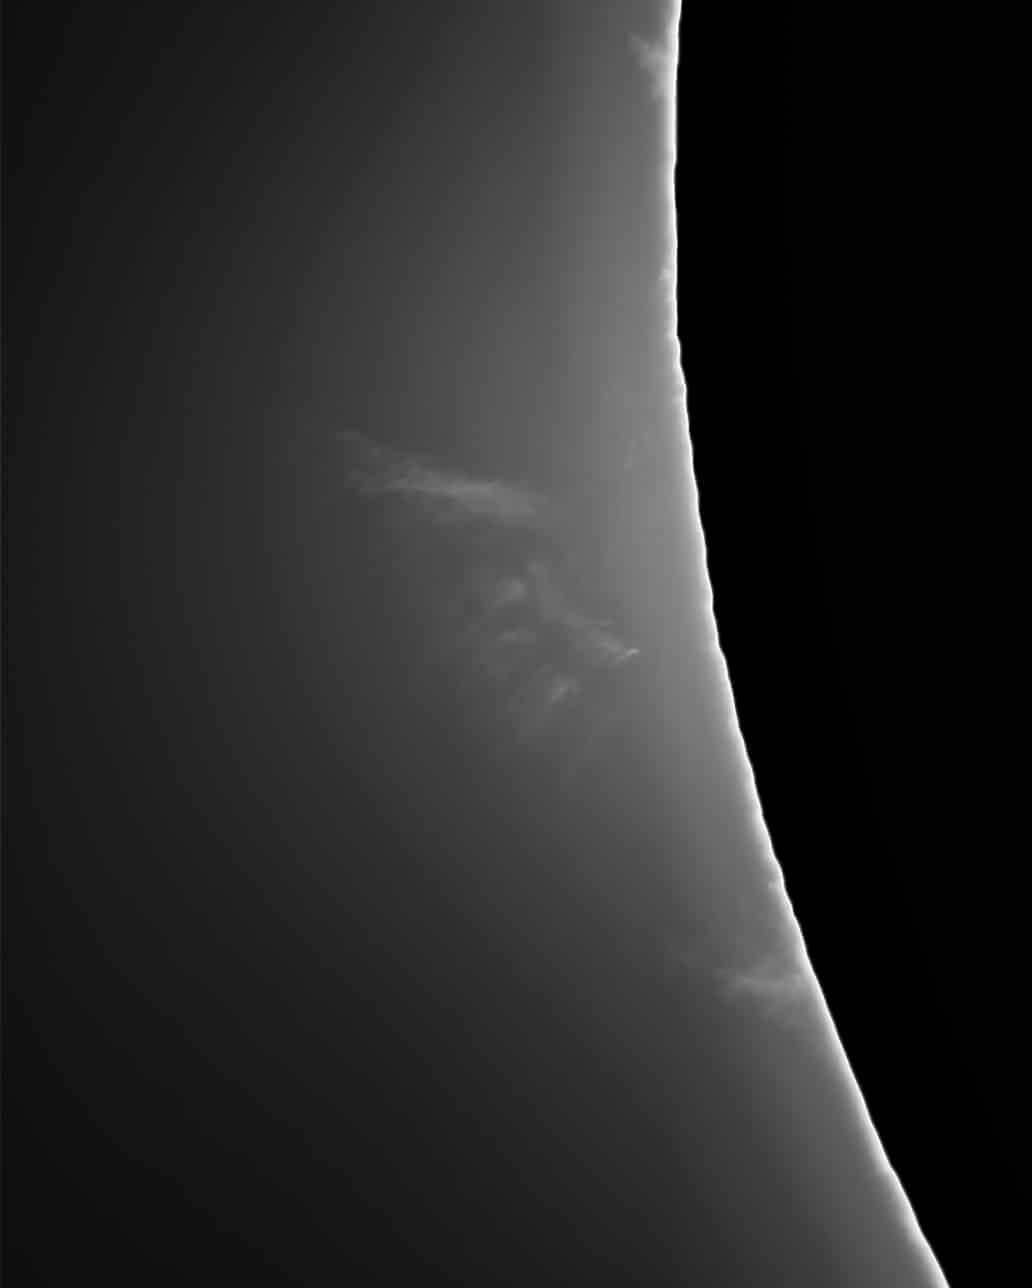 Ook ik heb net al InFINNity Deck op 11 april 2021 de zon waargenomen. Mijn waarneemtijd was tussen 1